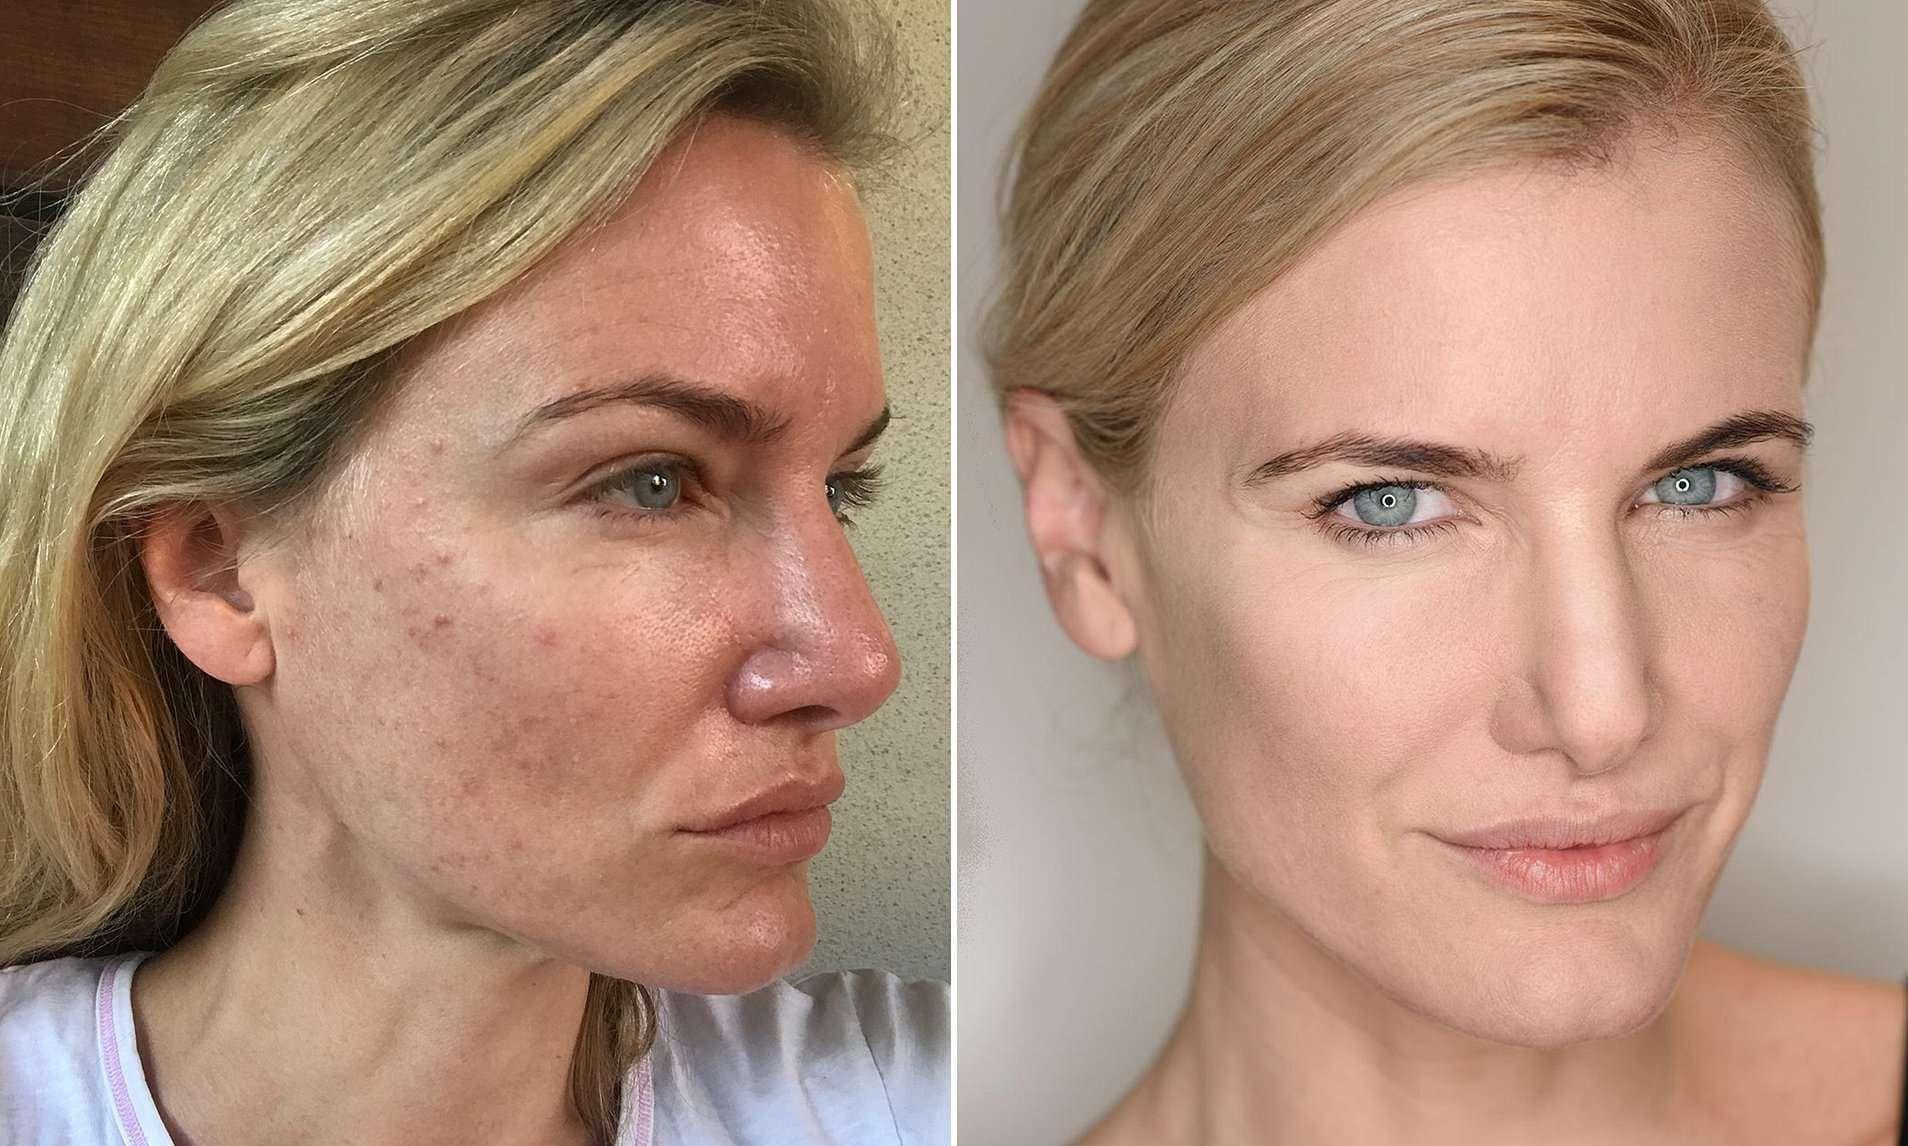 त्वचा की 'सेहत' बनाए रखने के लिए बढ़ रहा है 'स्किन फास्टिंग' का ट्रेंड